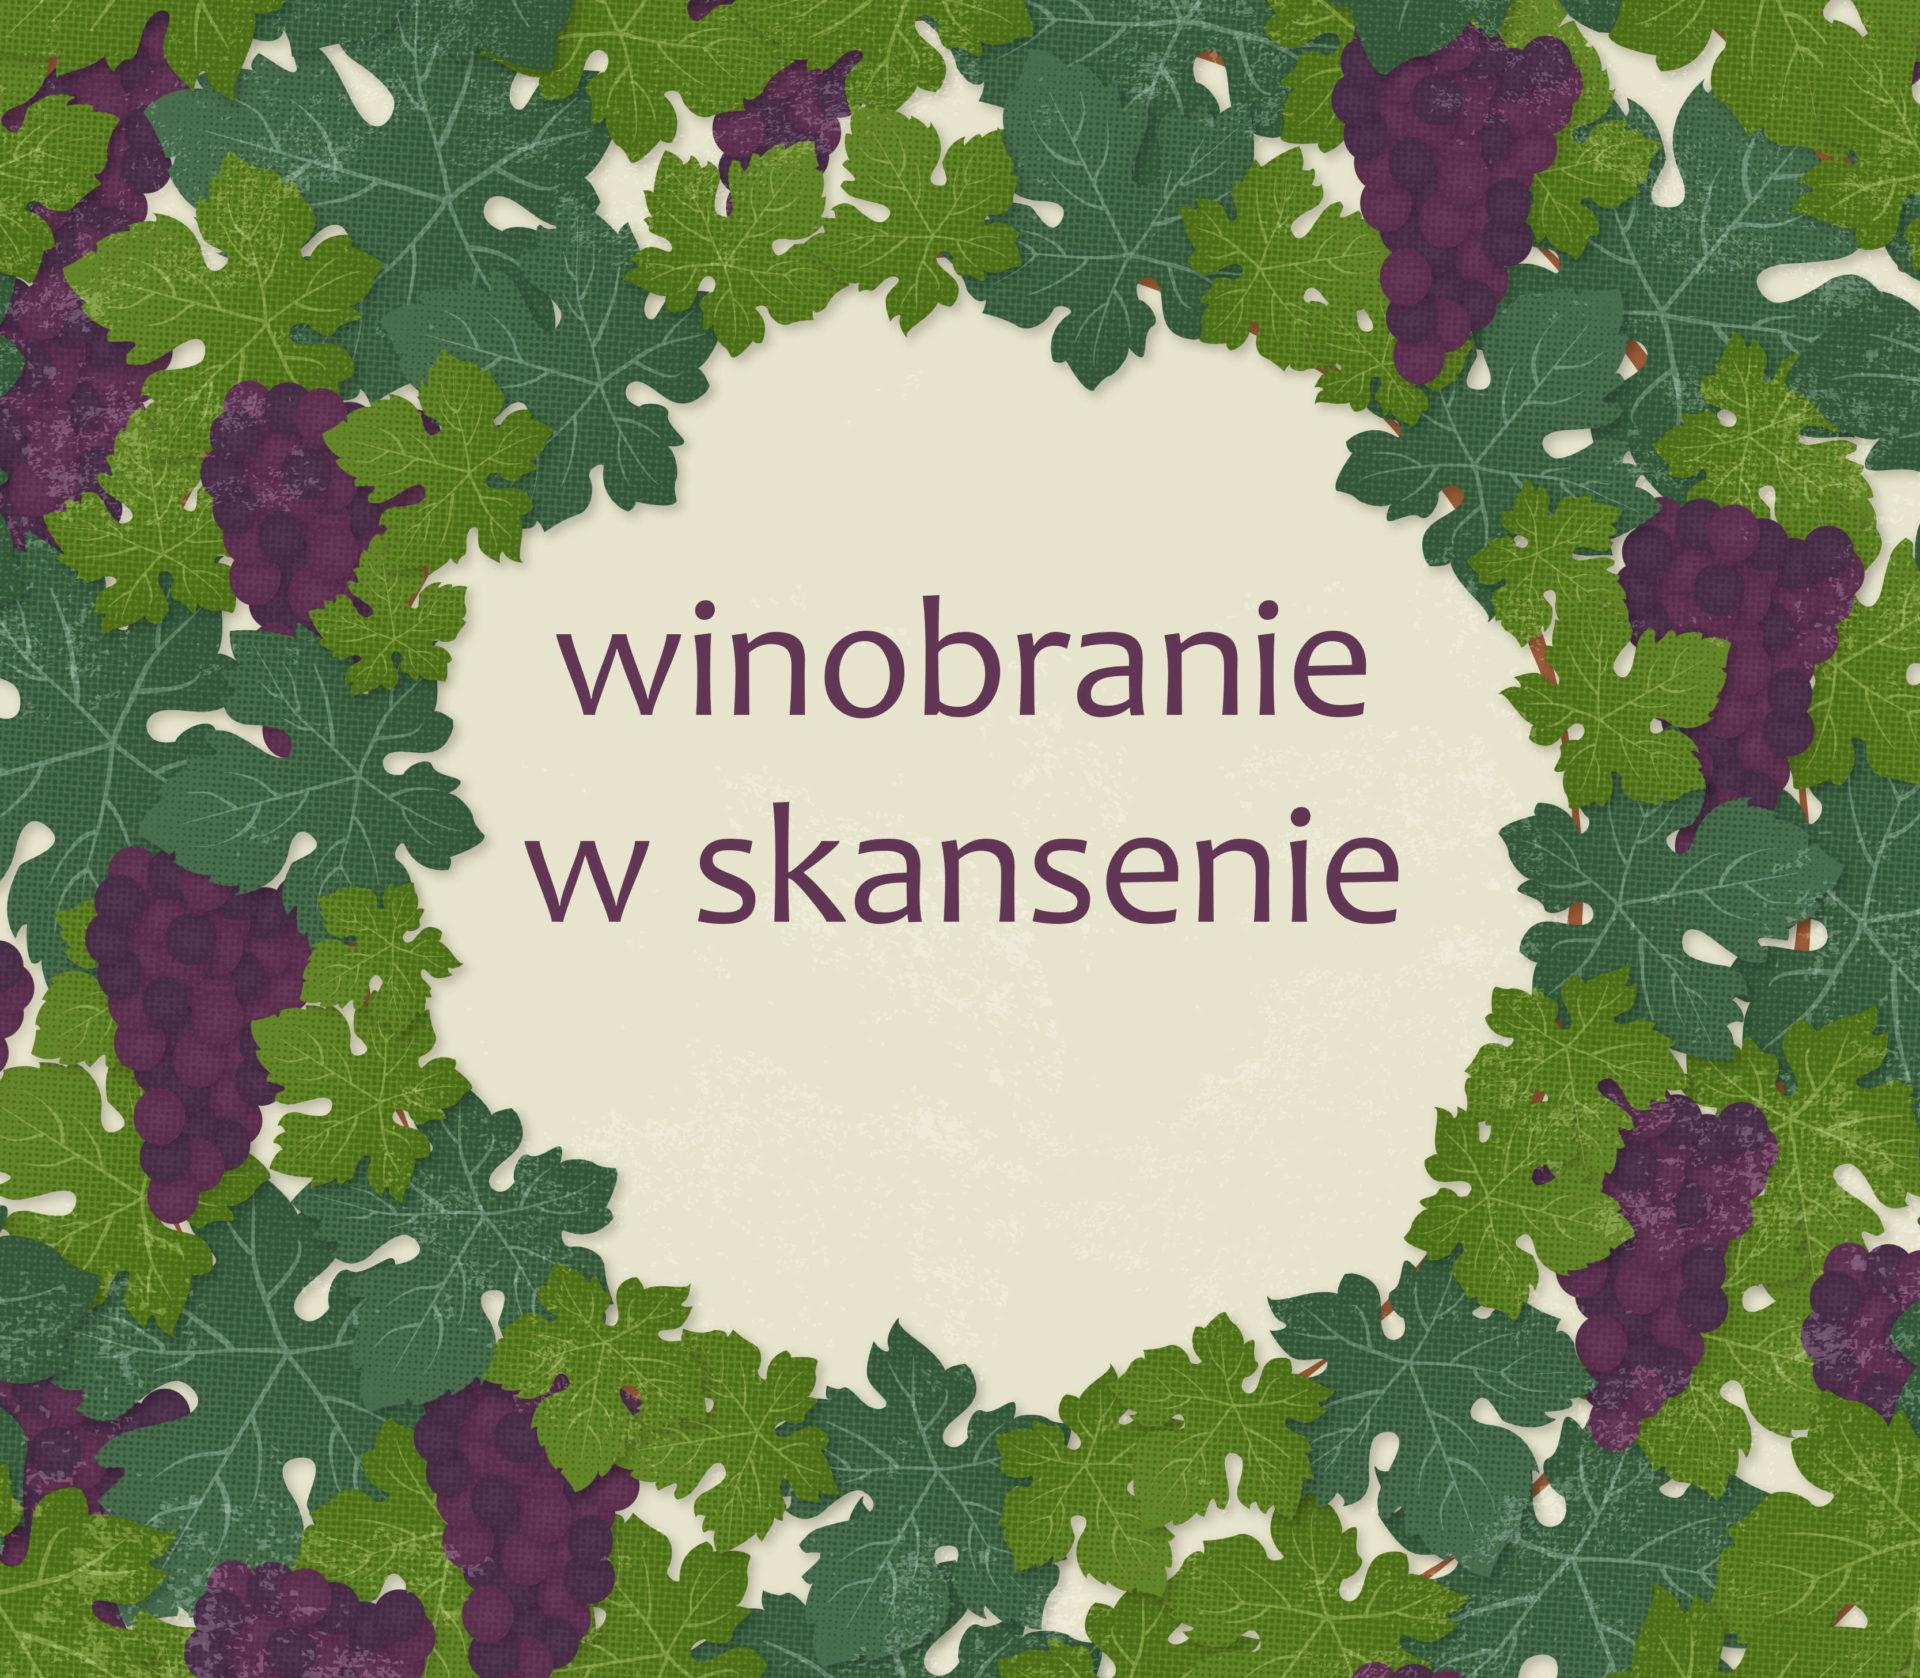 winobranie